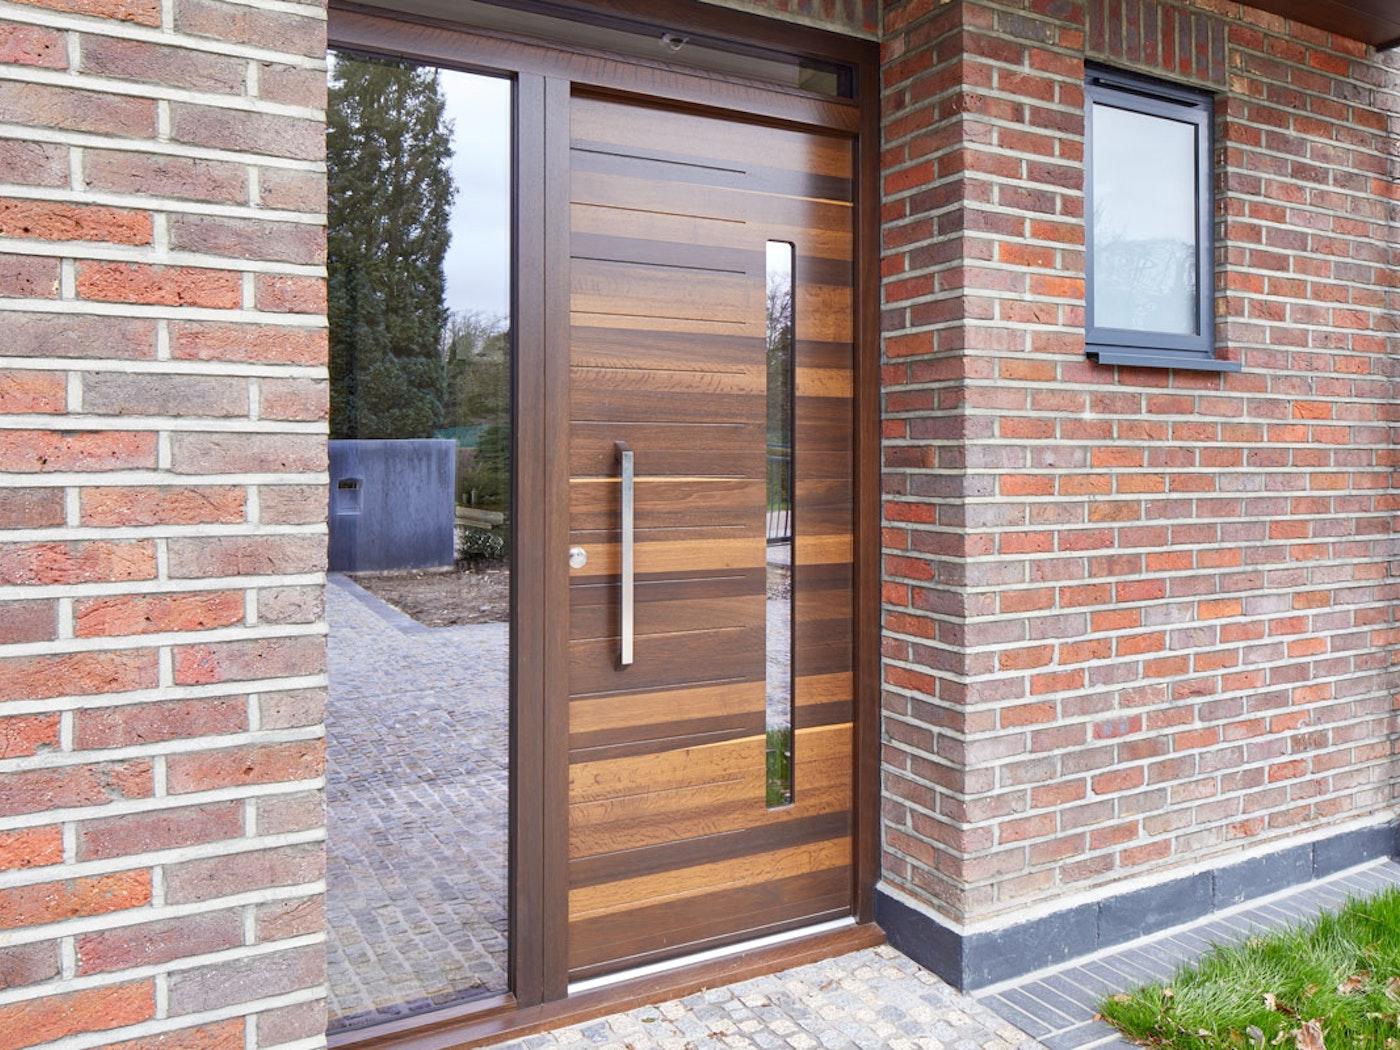 Terano 'Bespoke' front door | Fumed oak | Urban Front